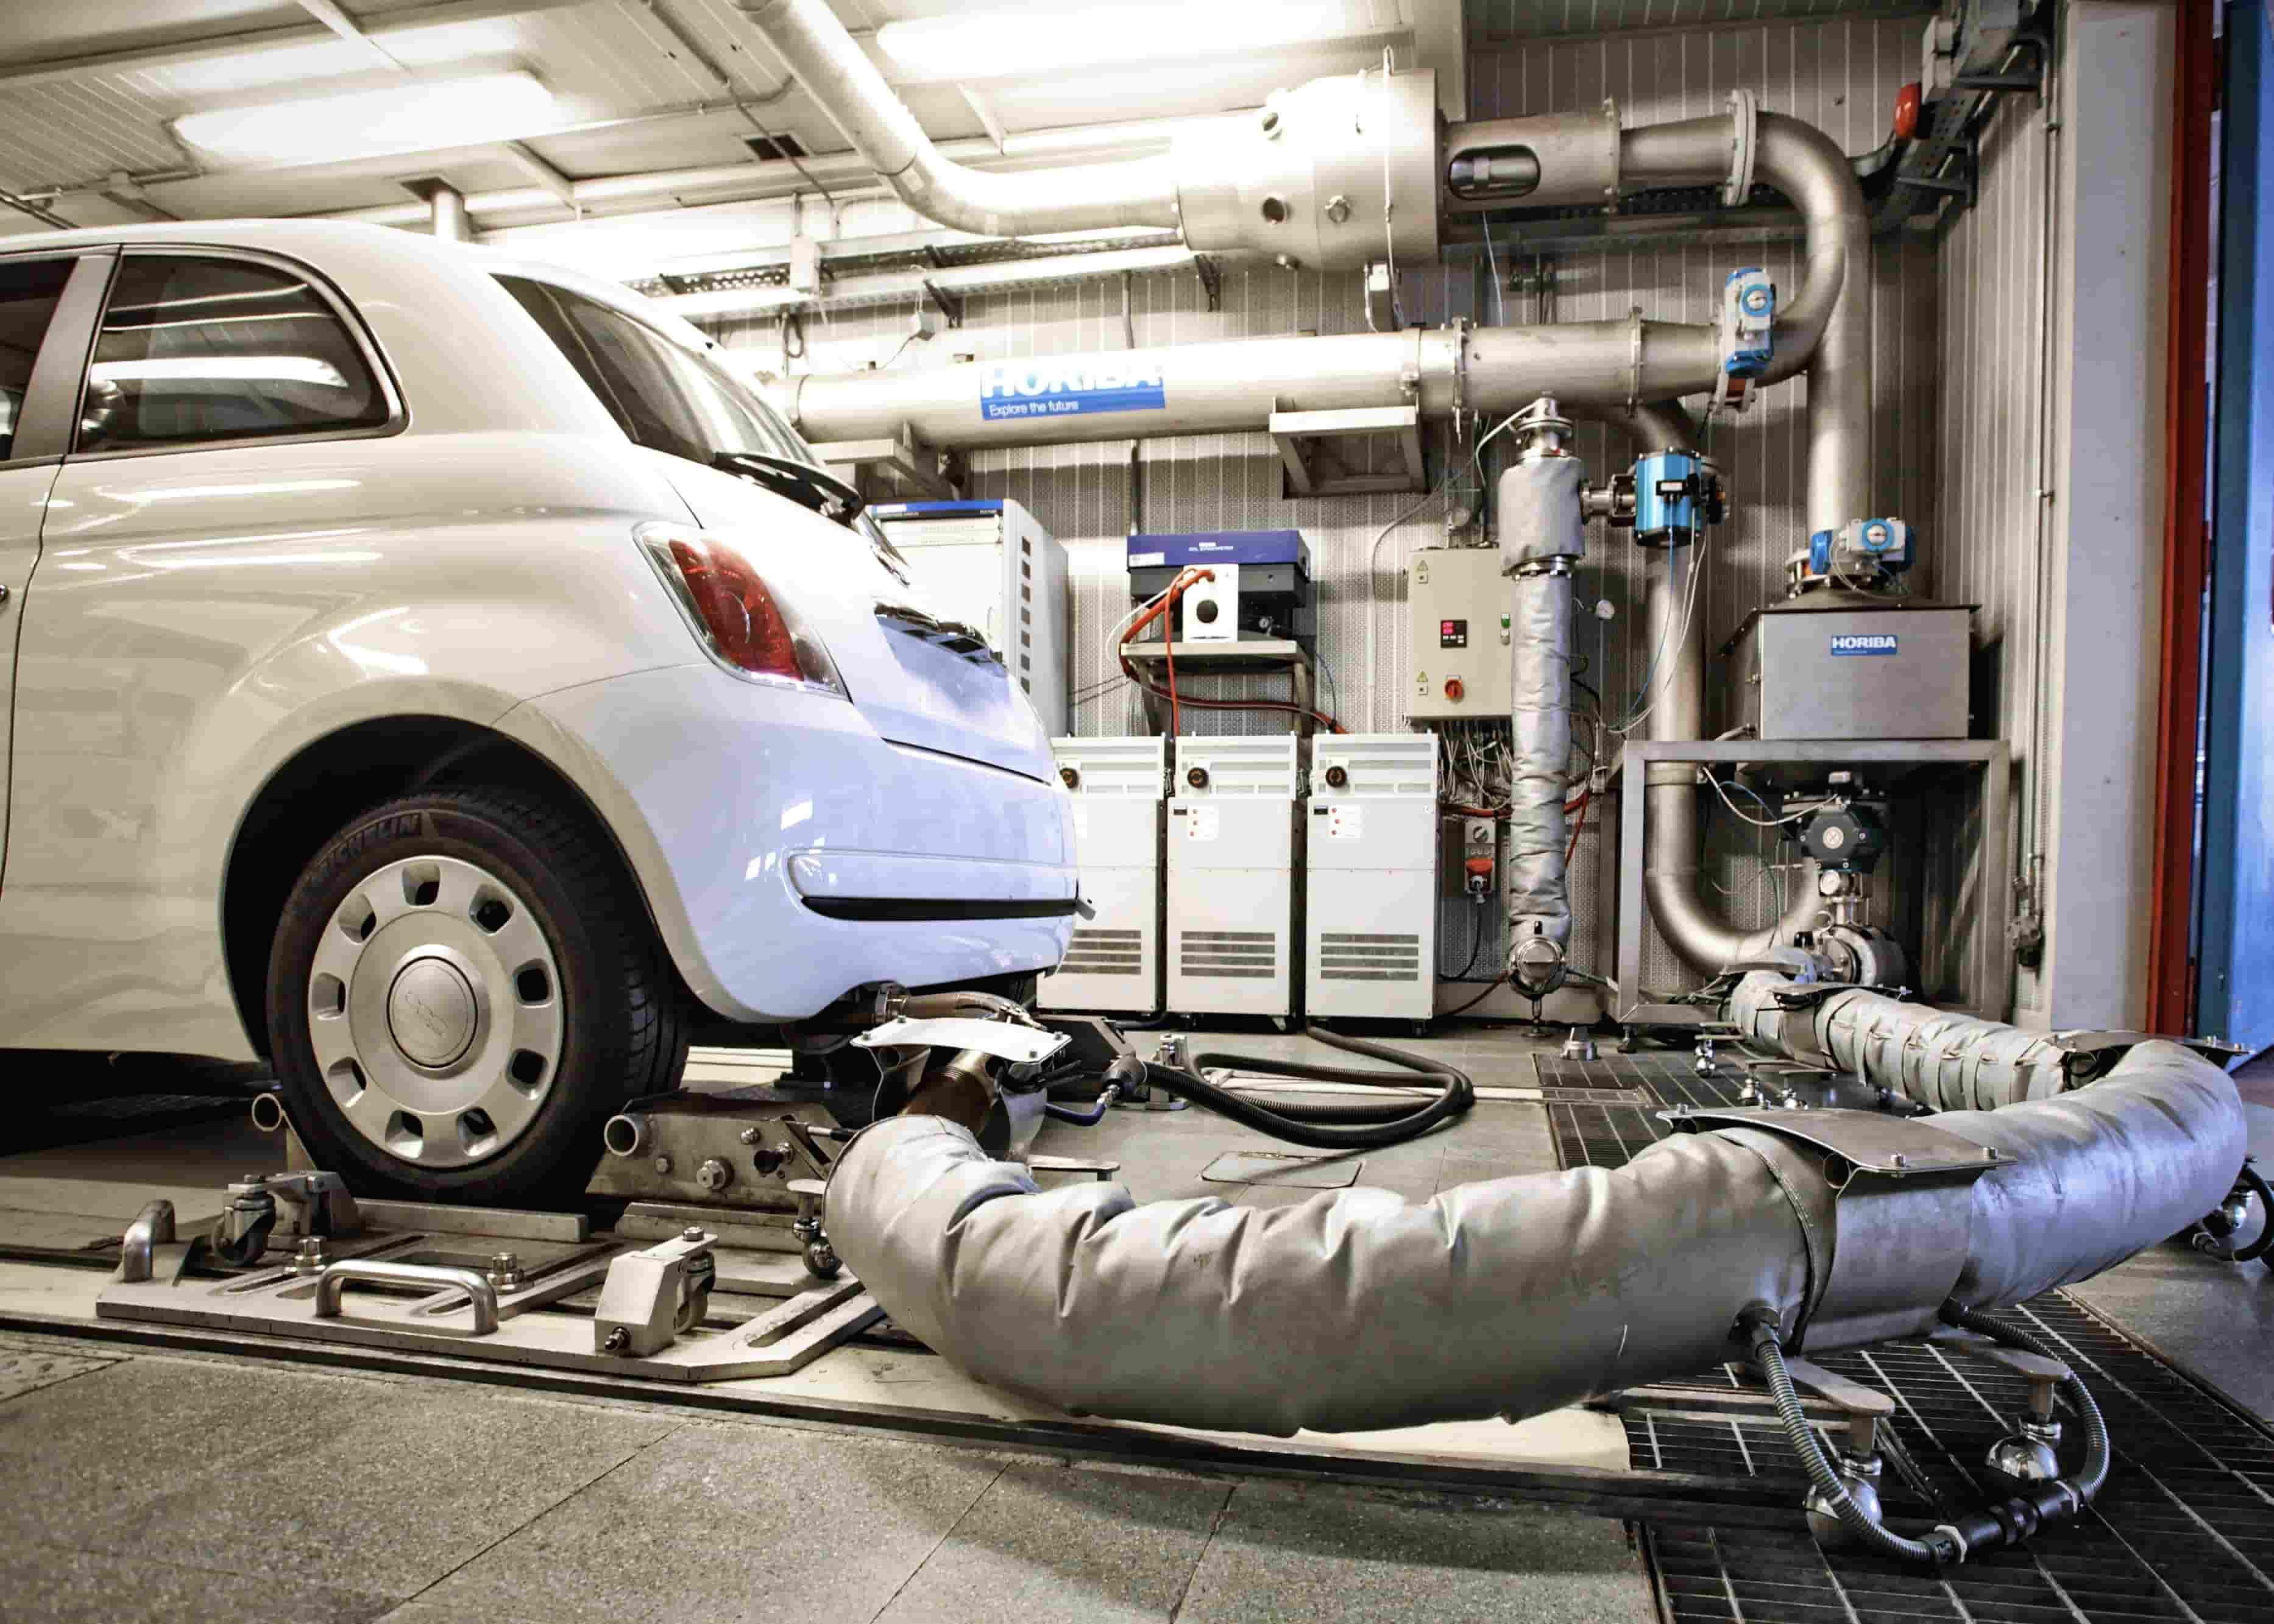 Pegasor_pienhiukkasmittauksella vähempipäästöisiä autoja